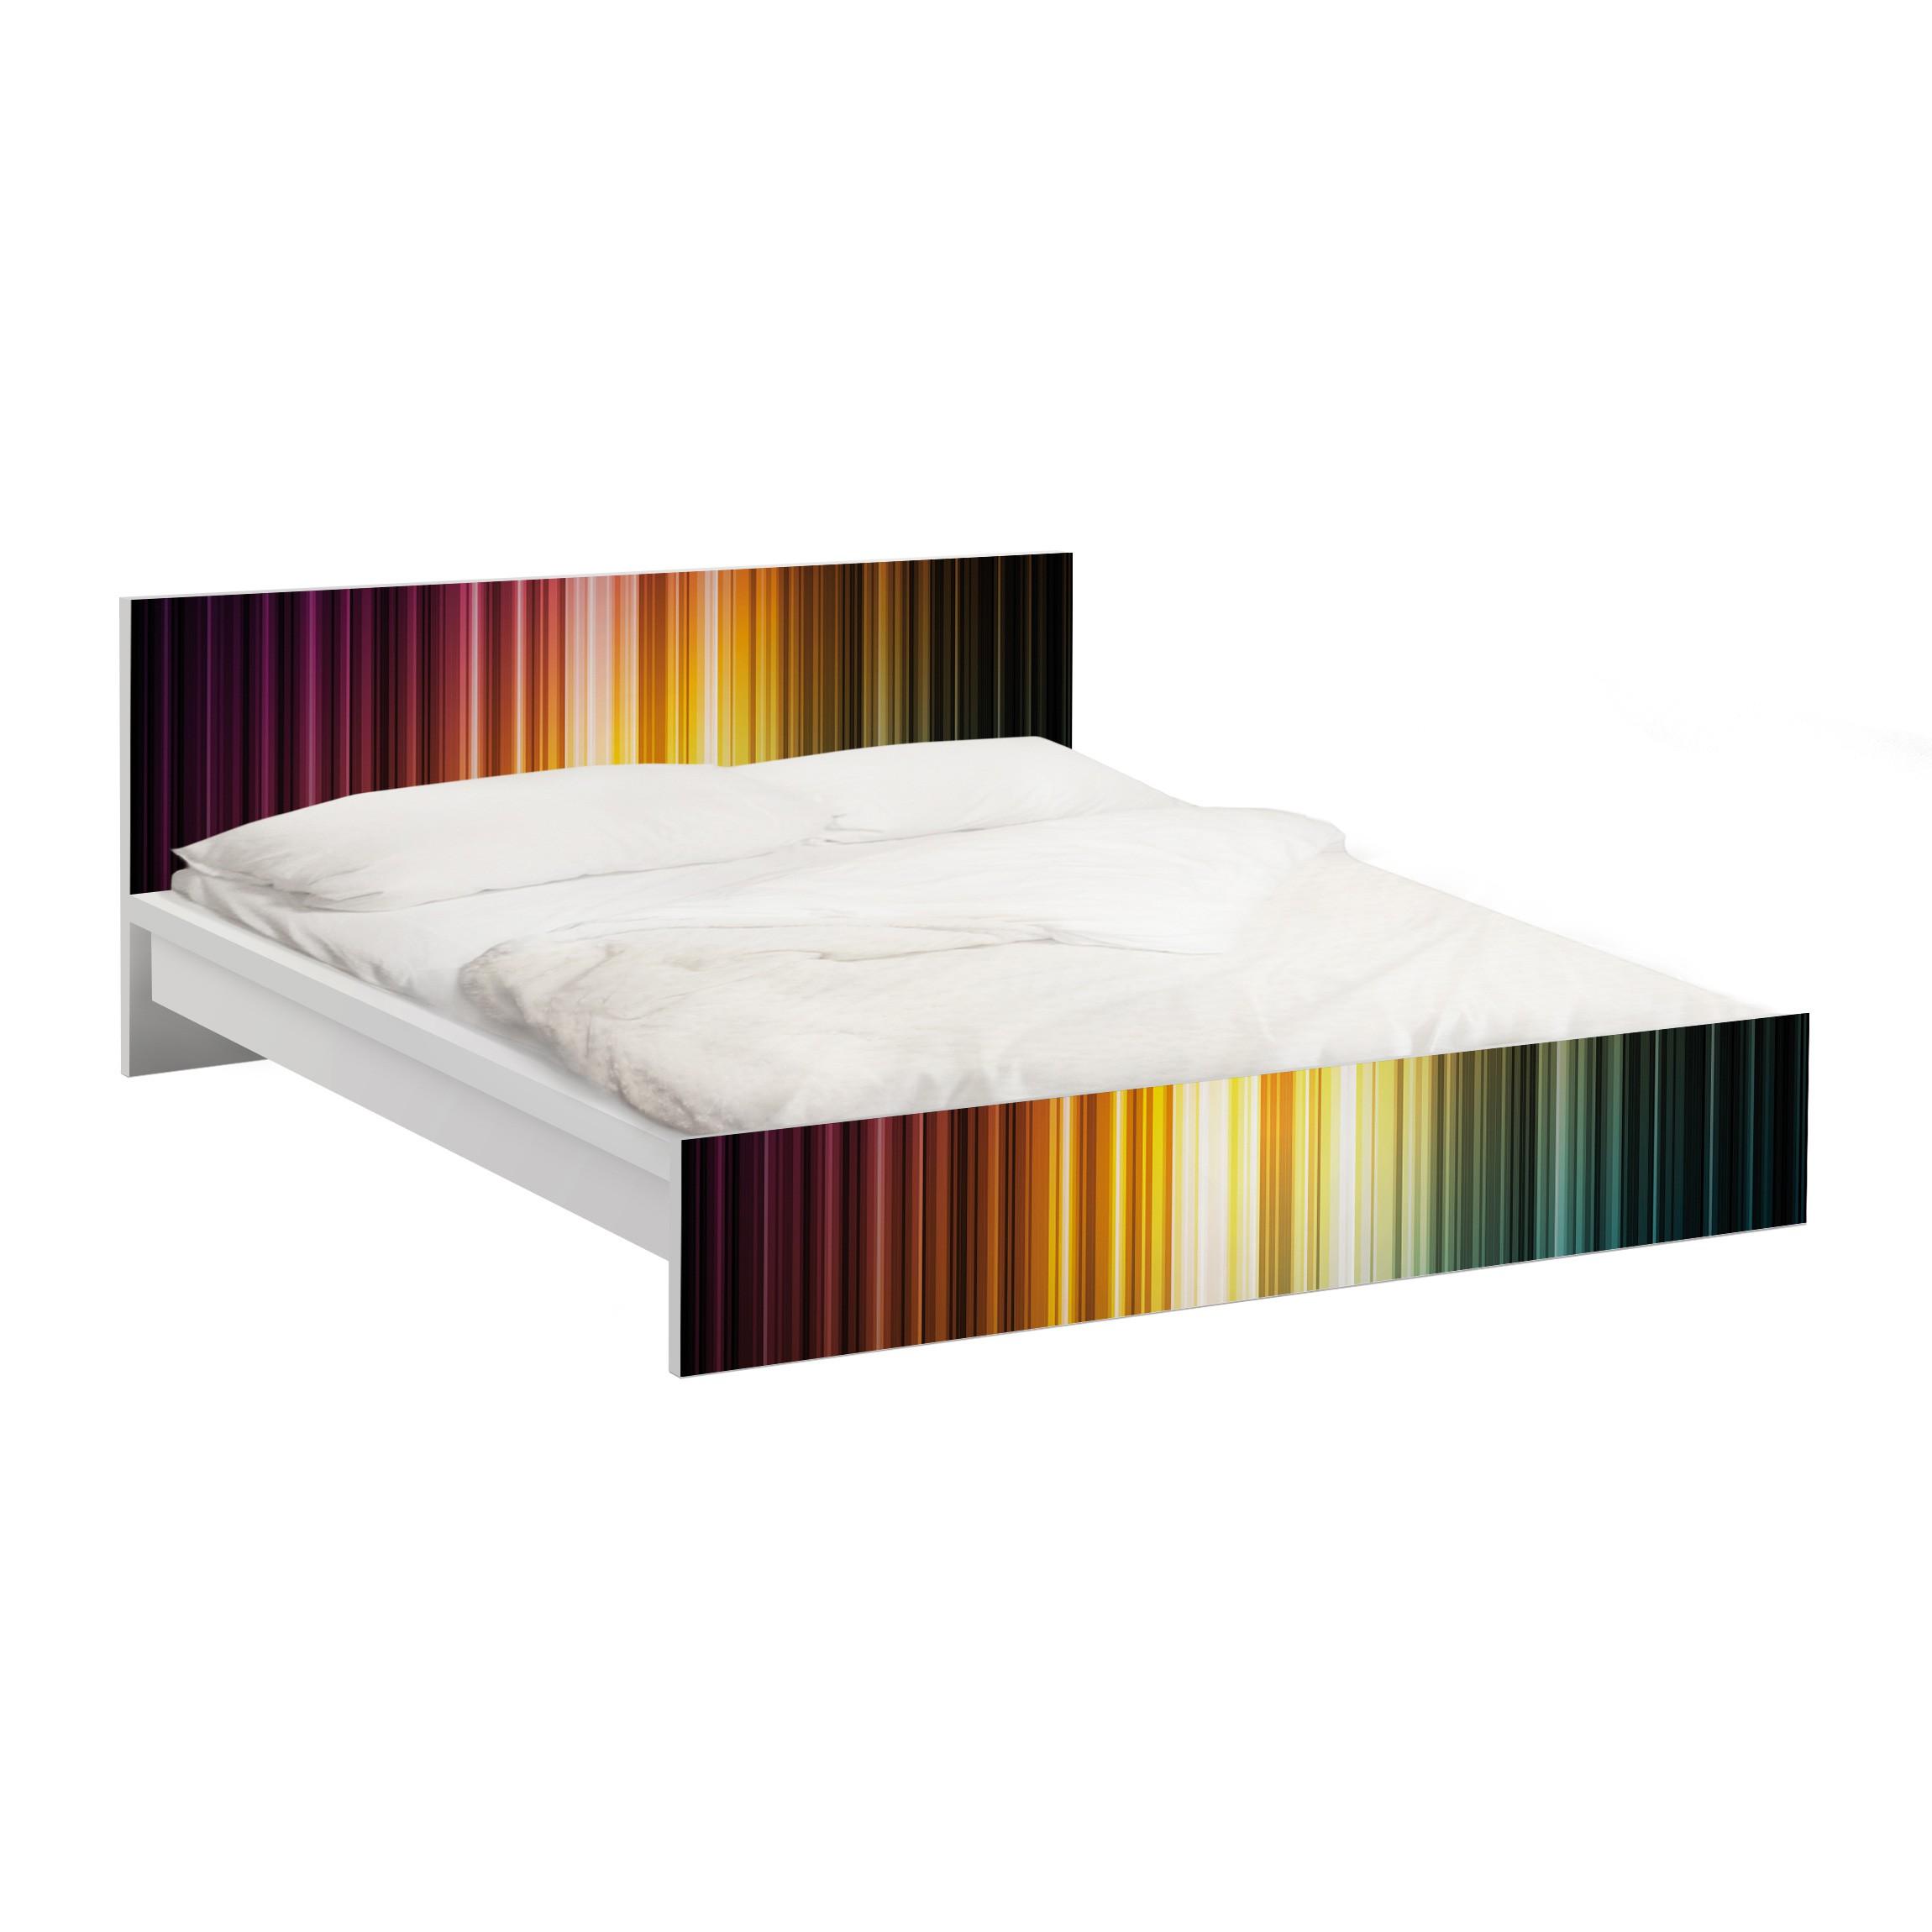 Carta adesiva per mobili ikea malm letto basso 160x200cm rainbow light - Pellicola adesiva per mobili ikea ...